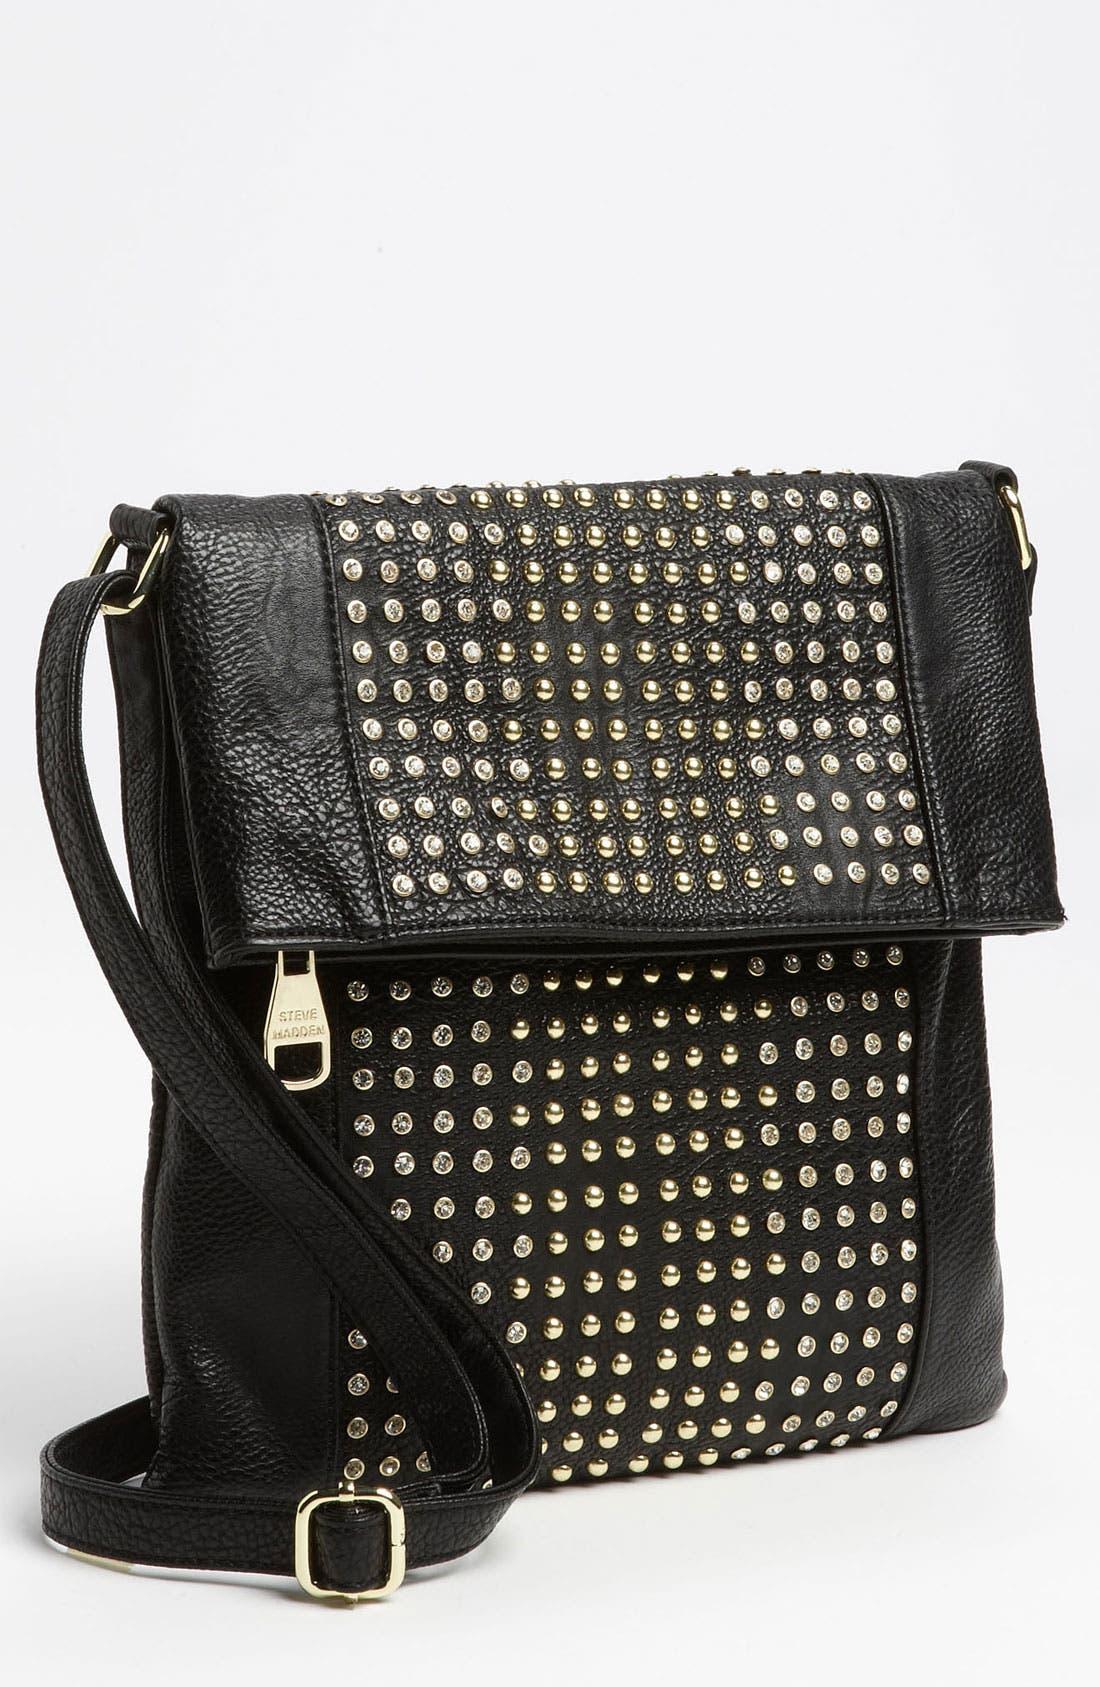 Main Image - Steve Madden 'Stud Love' Foldover Crossbody Bag